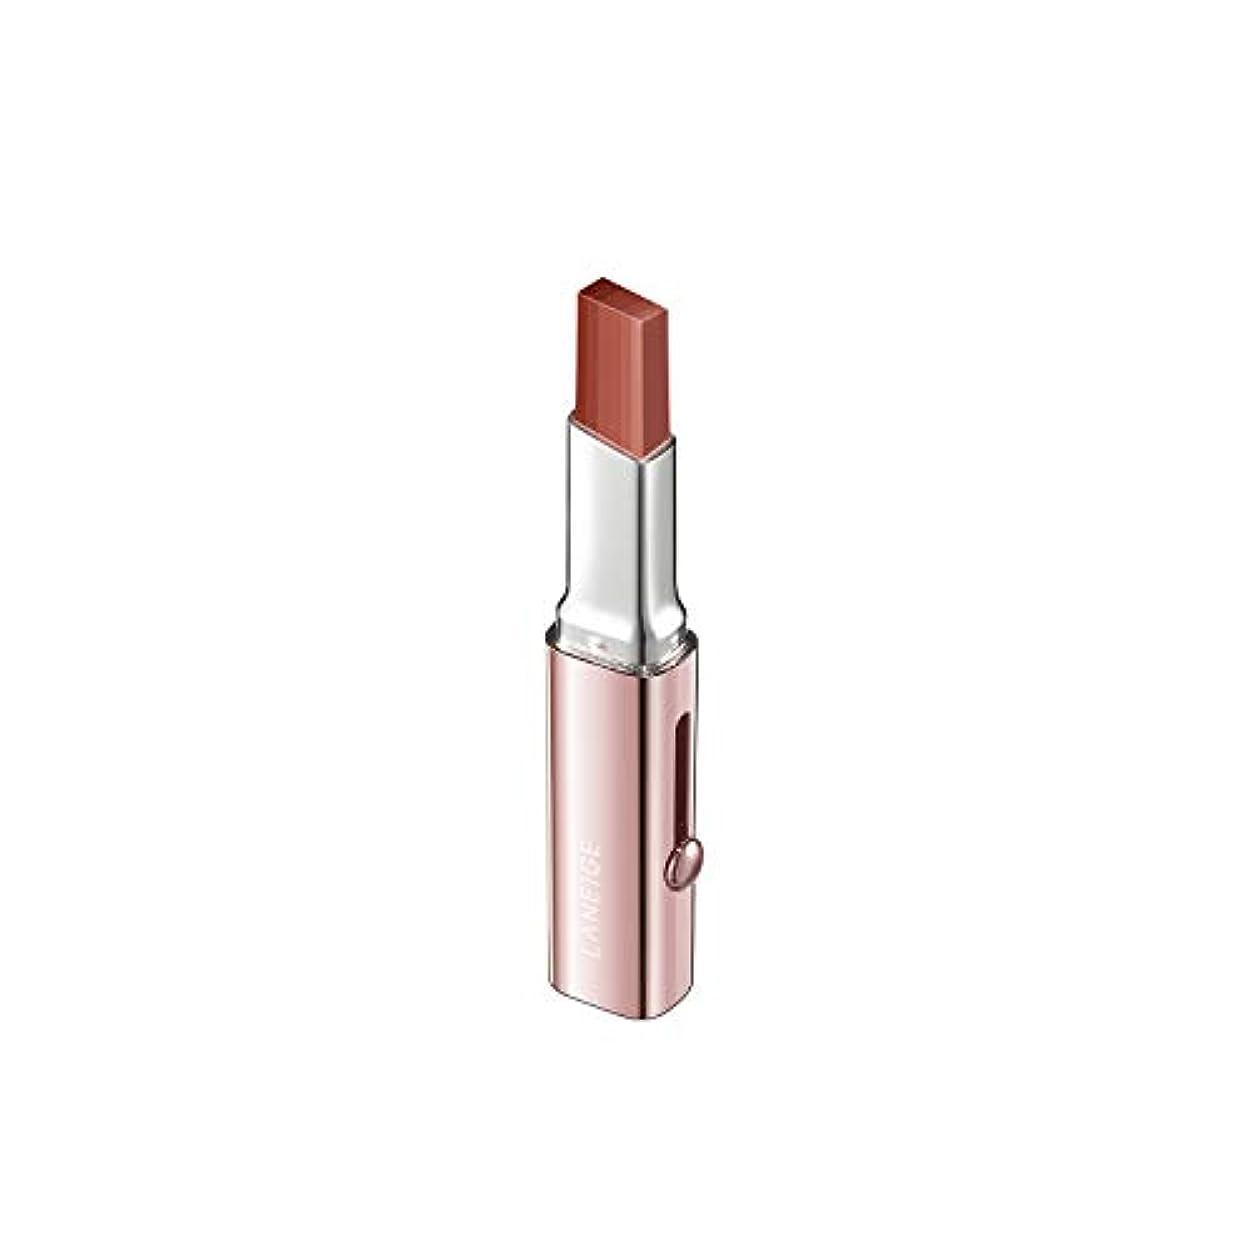 変形逃れるスクレーパー【ラネージュ】階層リップバー(1.9G)/ Layering Lip Bar-6つのカラーでのグラデーションカラー演出 (#15 SHAY BEIGE)